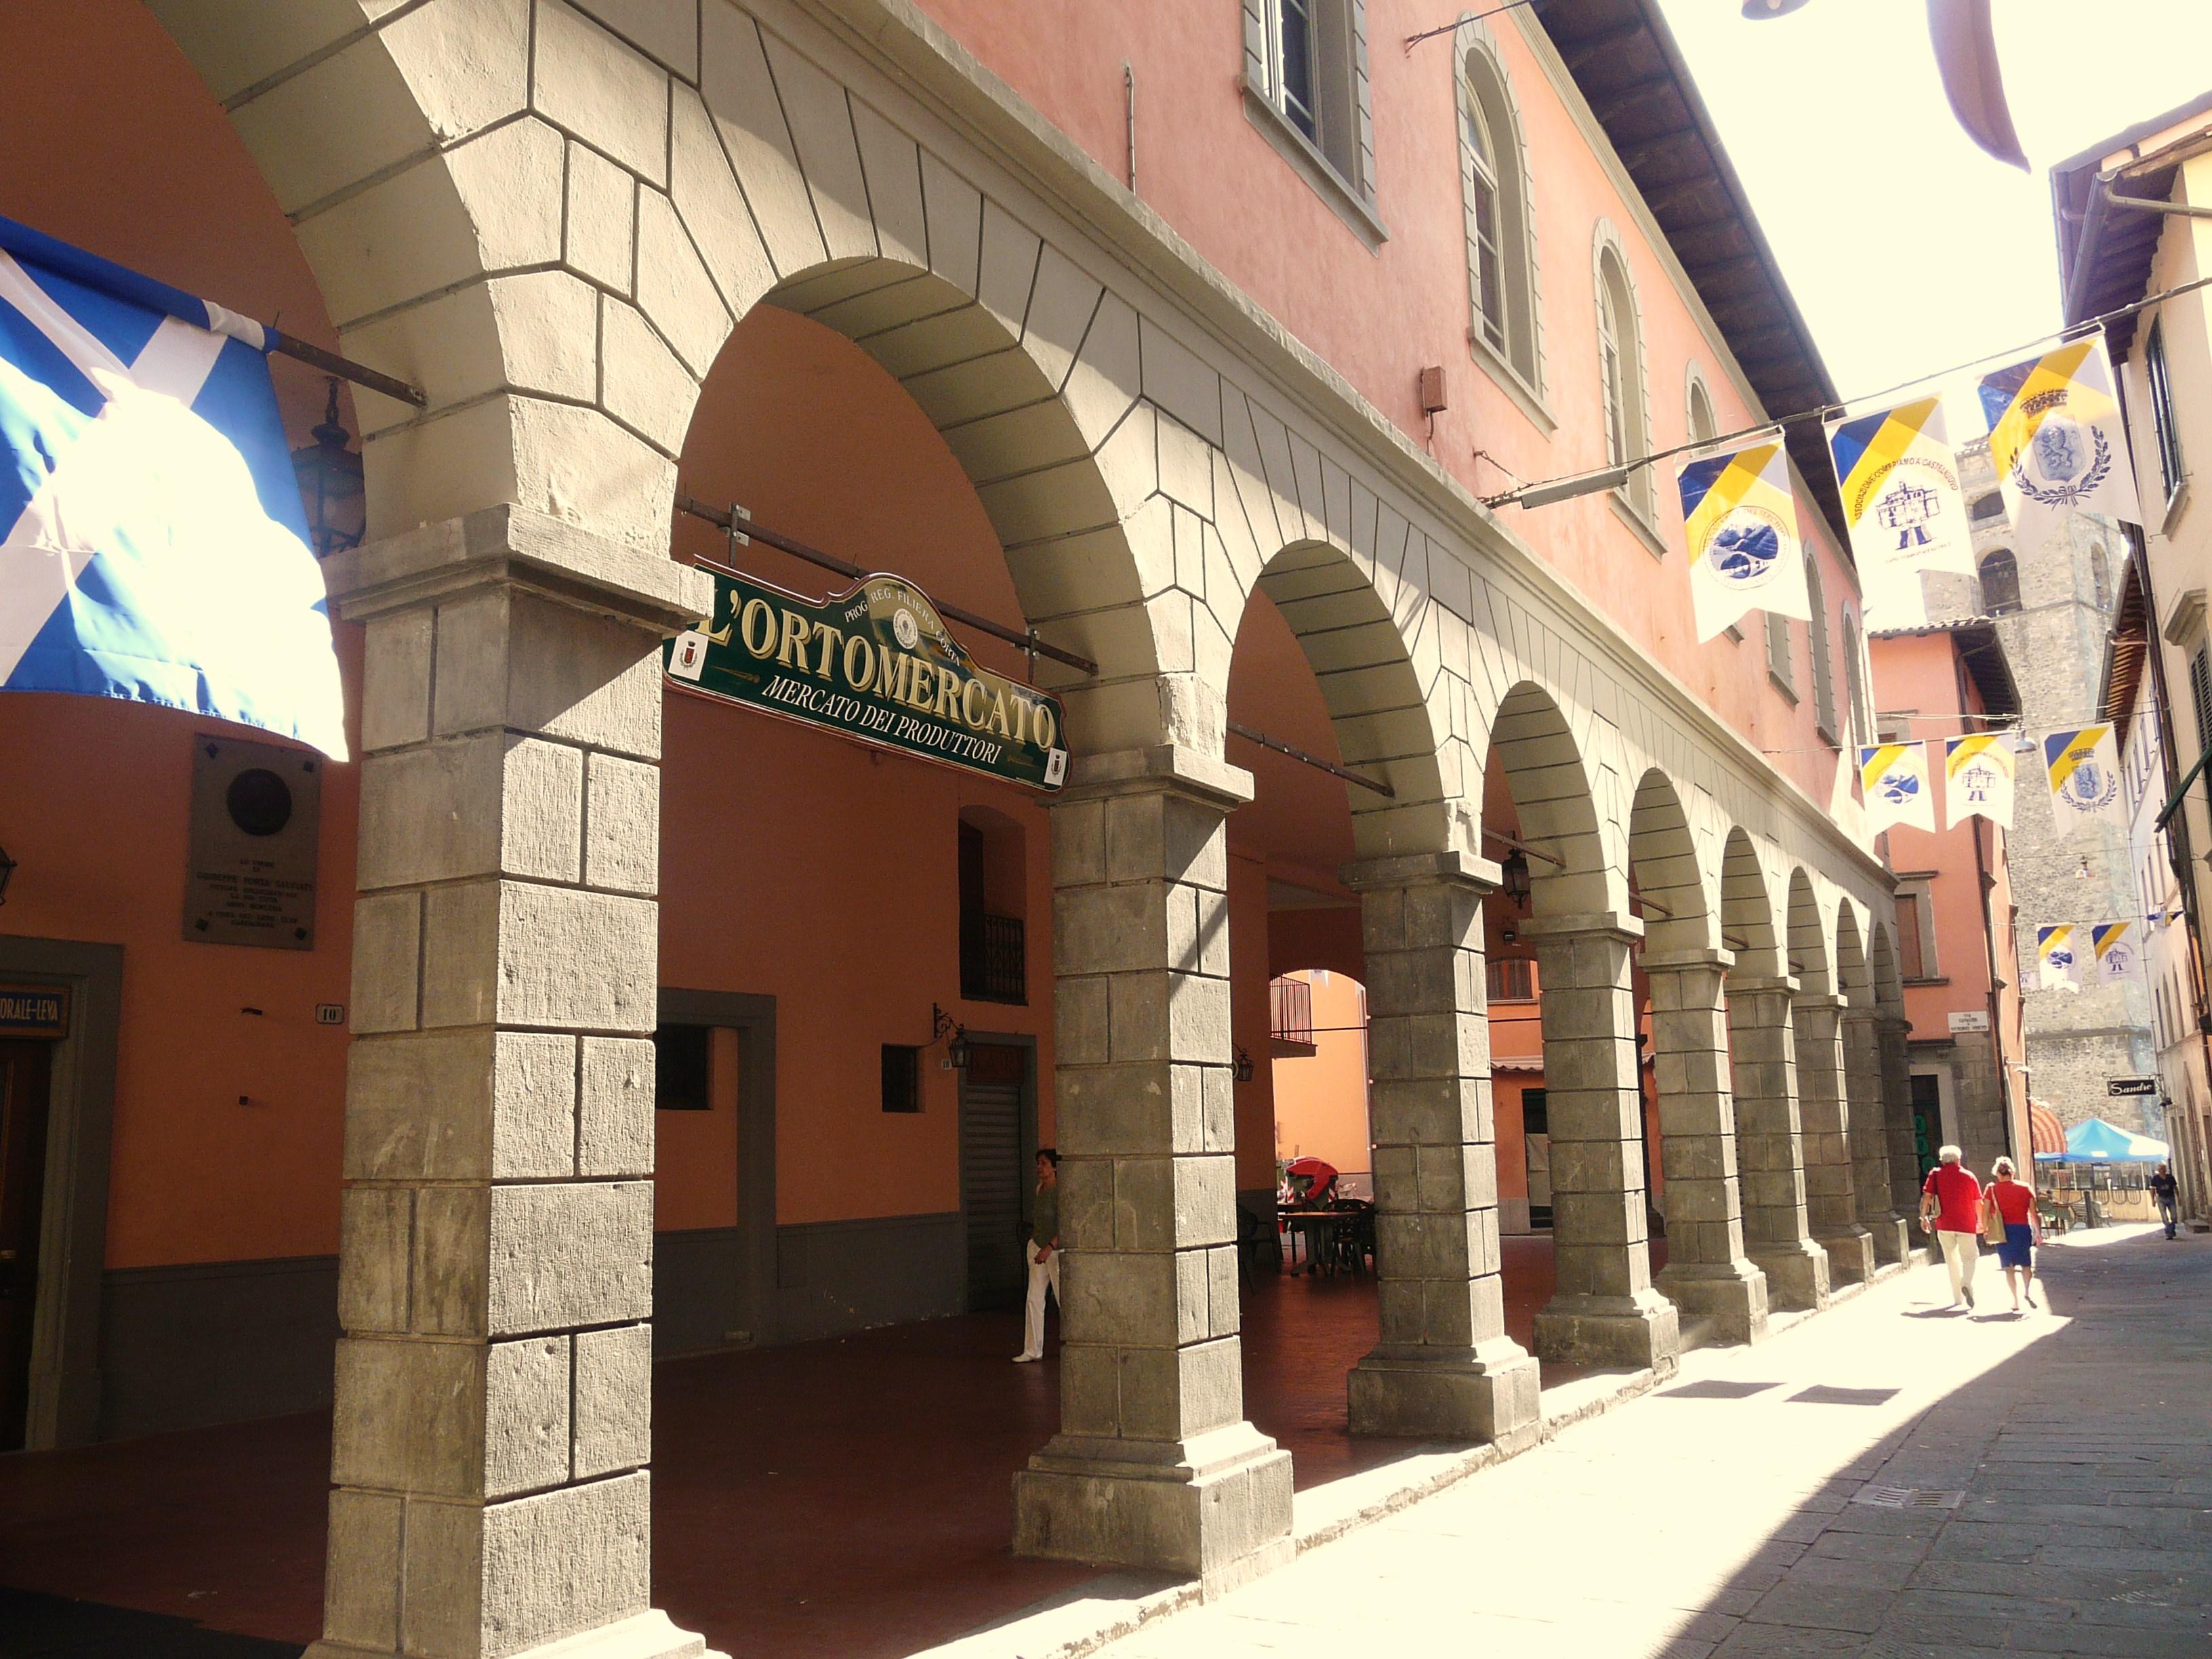 Pizzeria La Credenza Castelnuovo Di Garfagnana : File castelnuovo di garfagnana loggiato g wikipedia